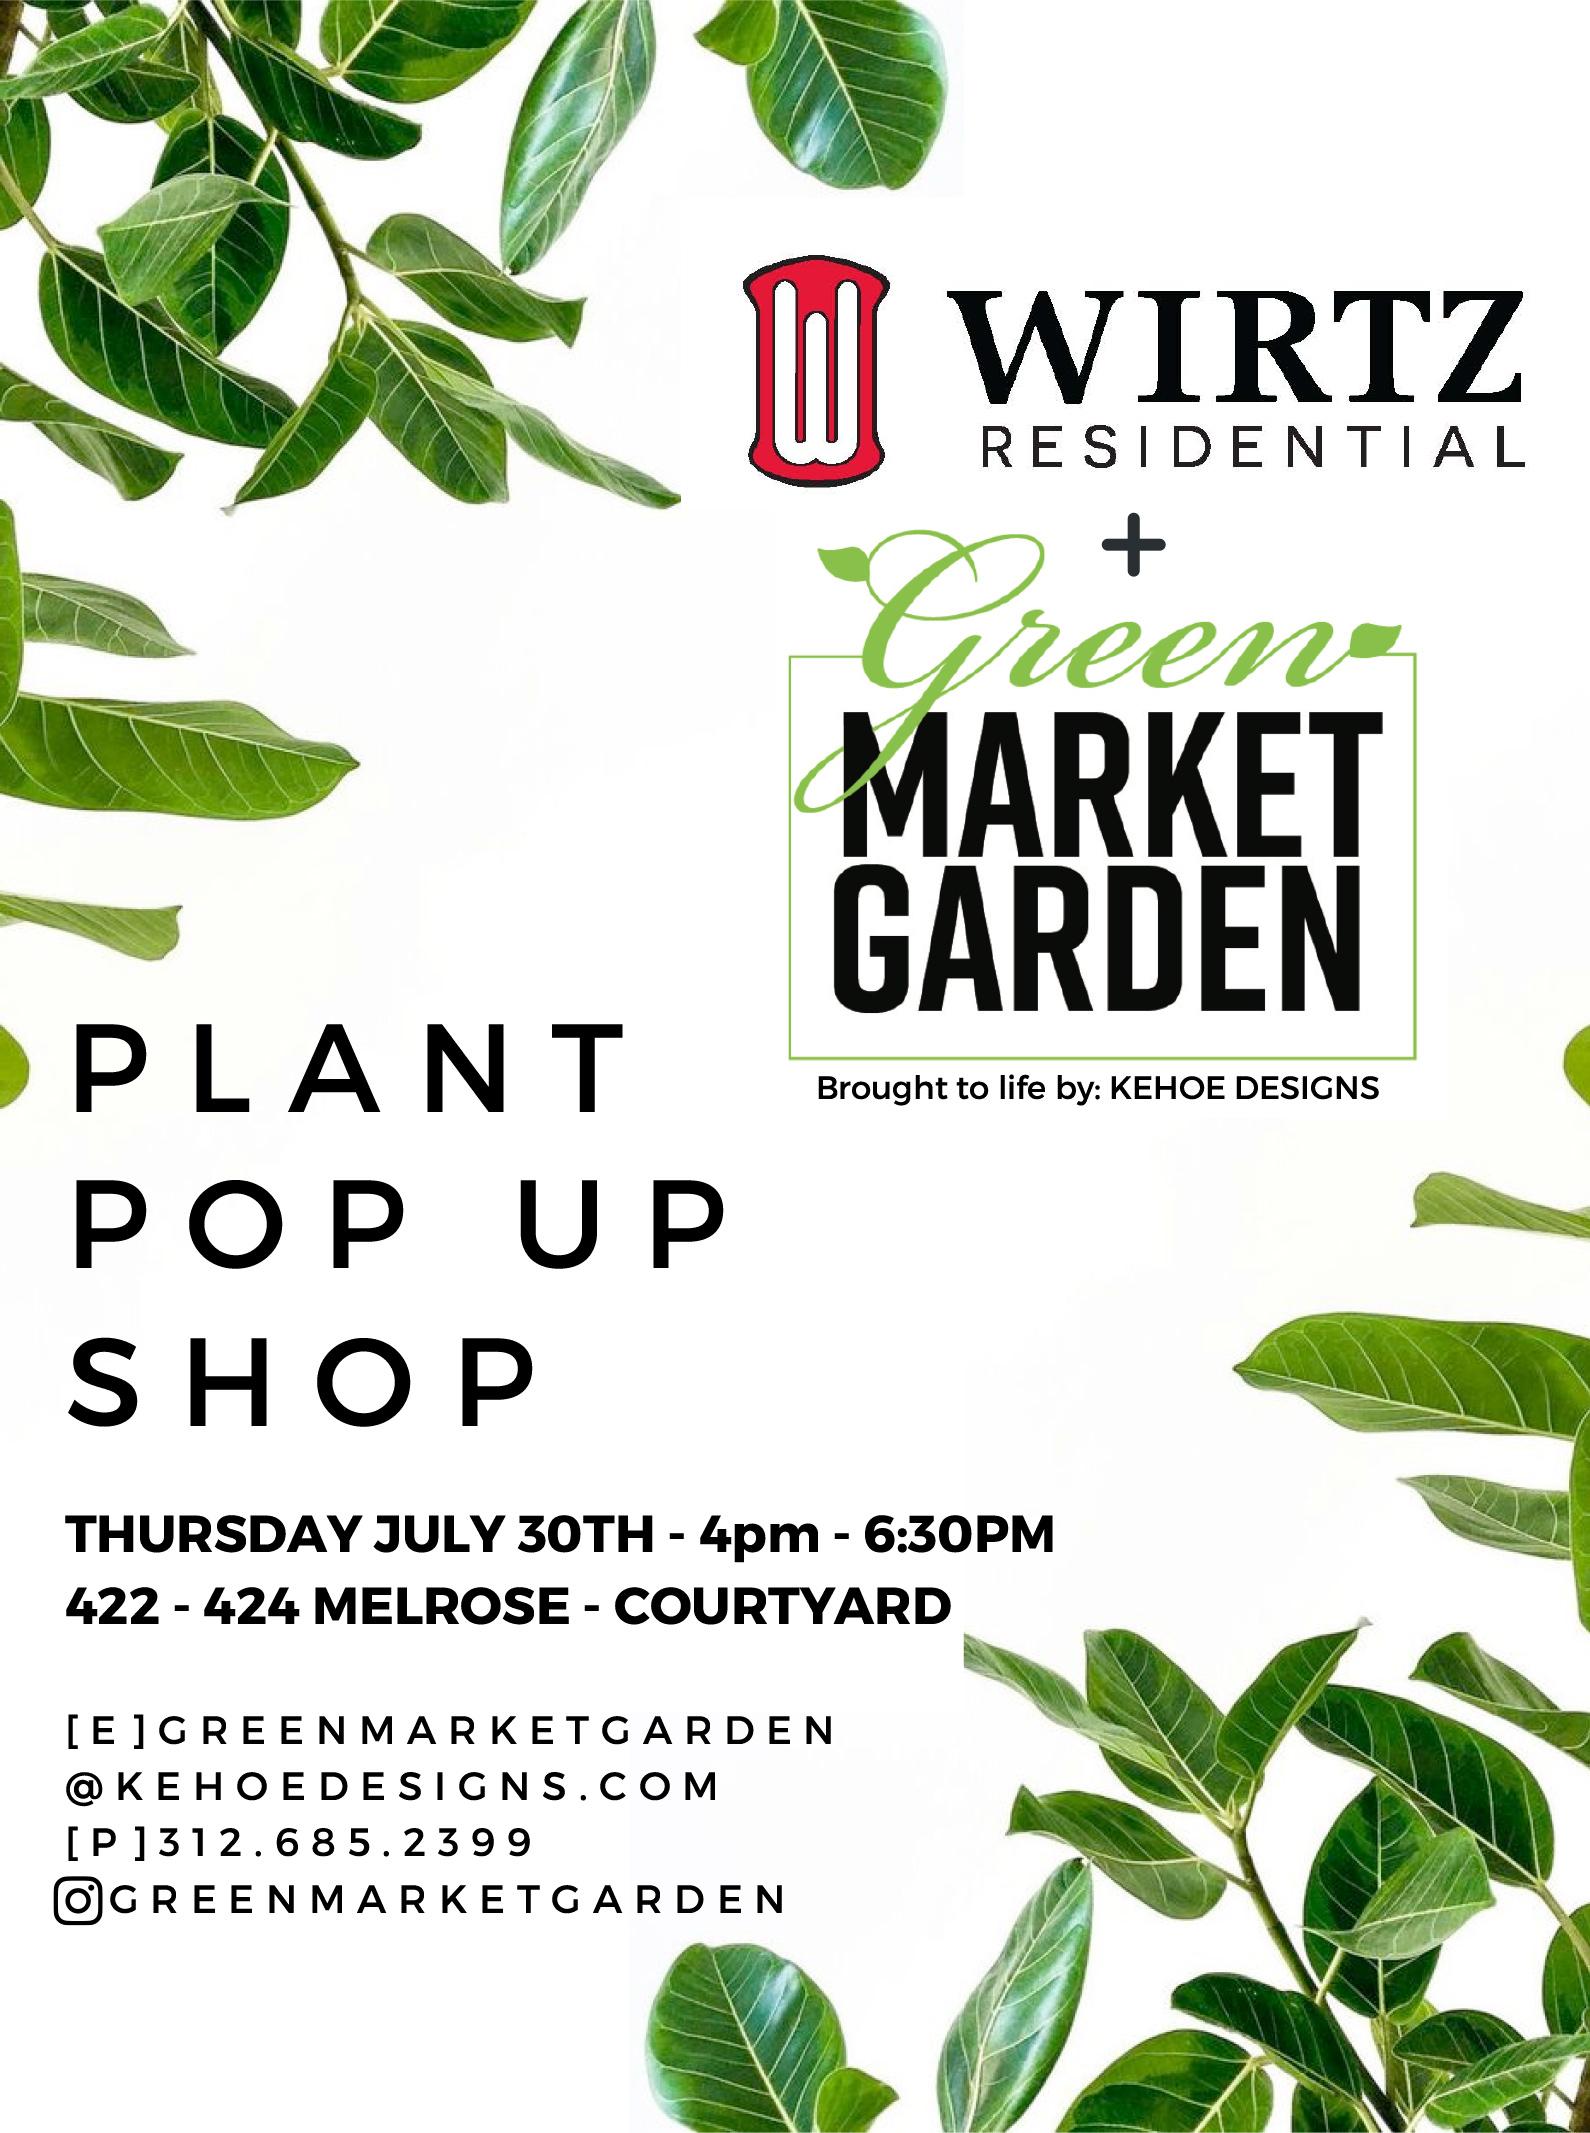 Plant Pop Up Shop